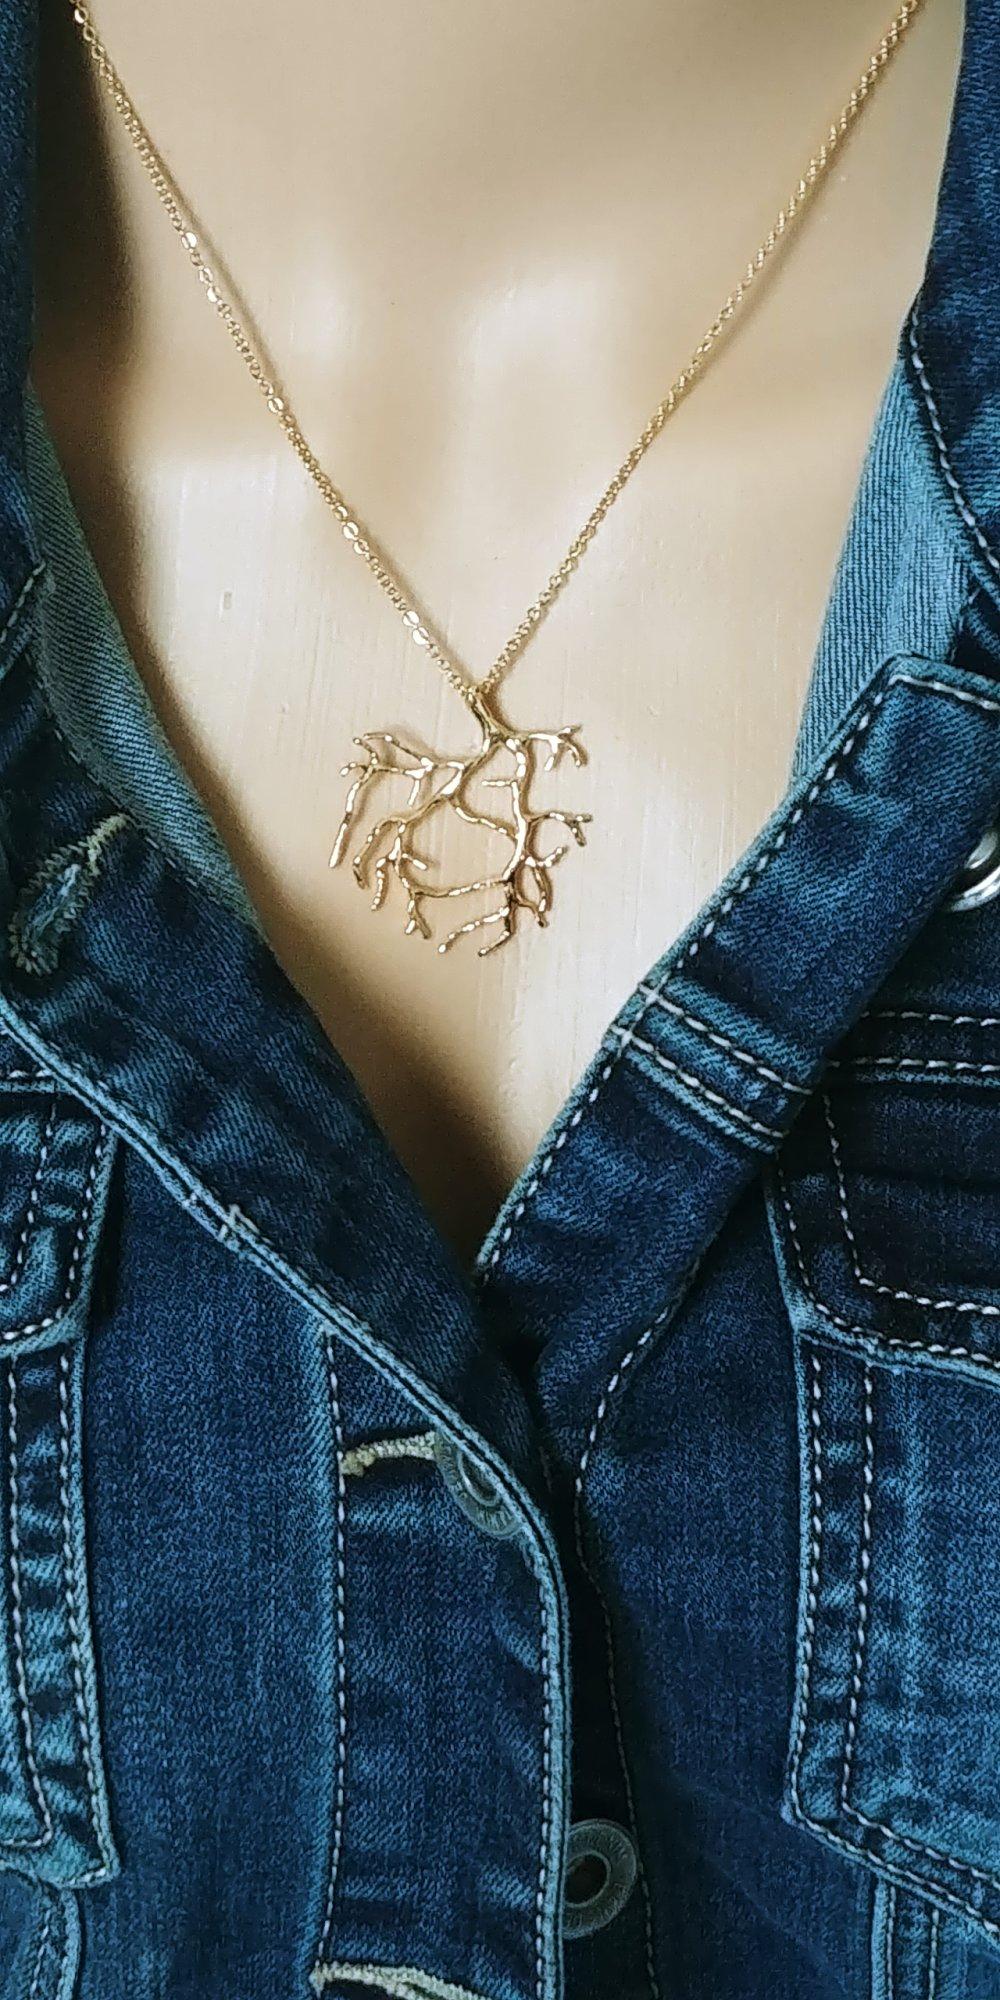 Collier corail, collier corail Or, Or fin 24 carats, collier femme, idée cadeau anniversaire femme